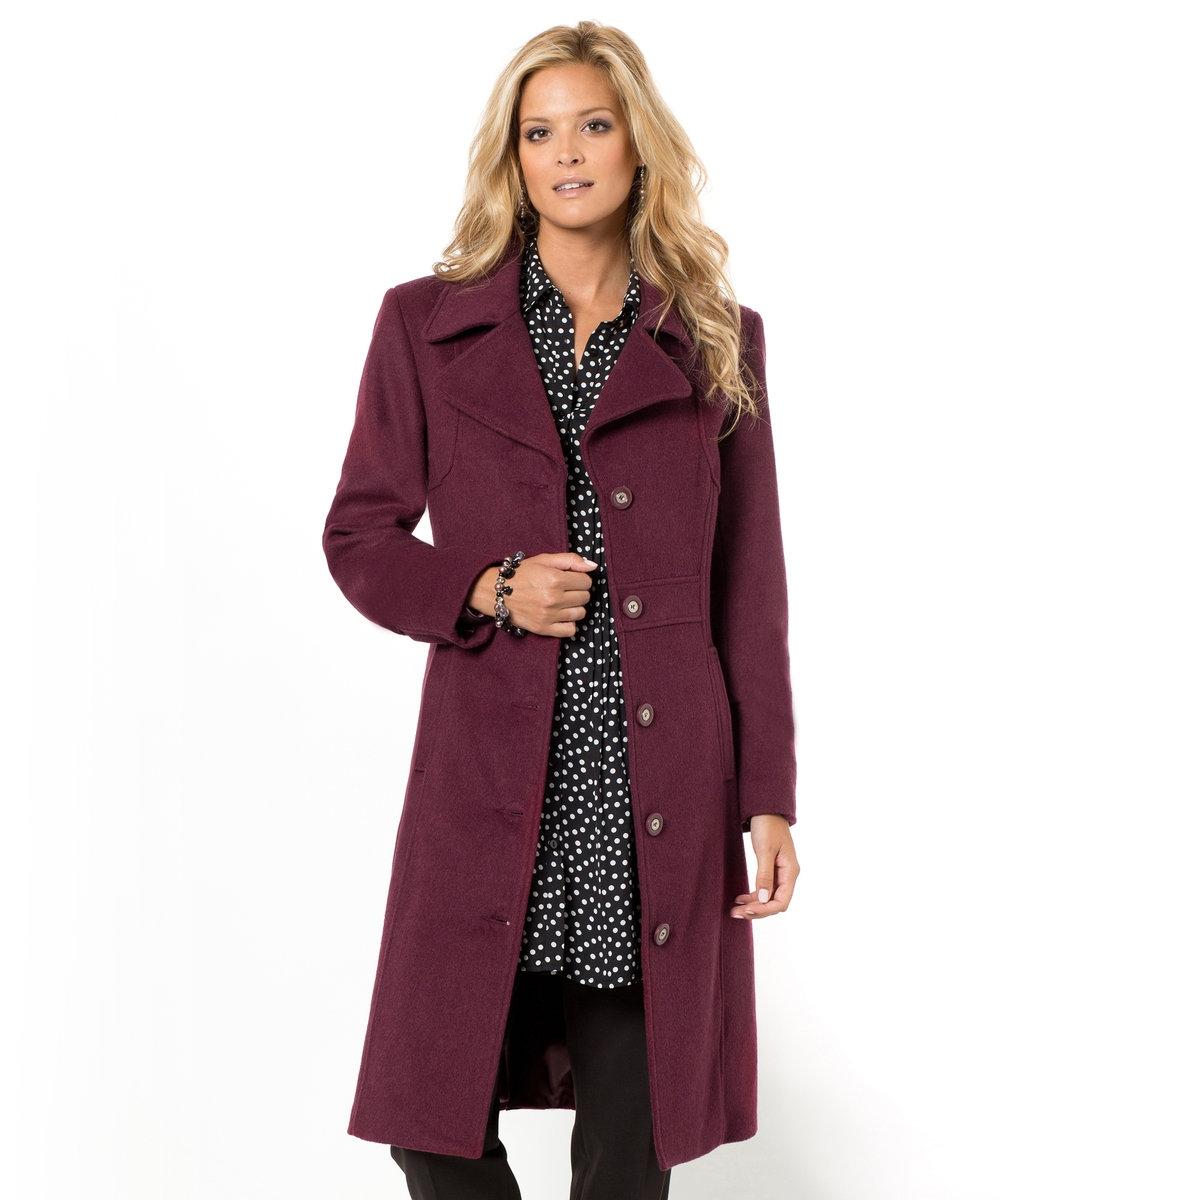 Пальто с отложным воротникомПодкладка из полиэстерного атласа. Фактура шерстяного драпа, 60% шерсти, 30% полиэстера, 5% вискозы, 5% других волокон.<br><br>Цвет: темно-бордовый<br>Размер: 44 (FR) - 50 (RUS)